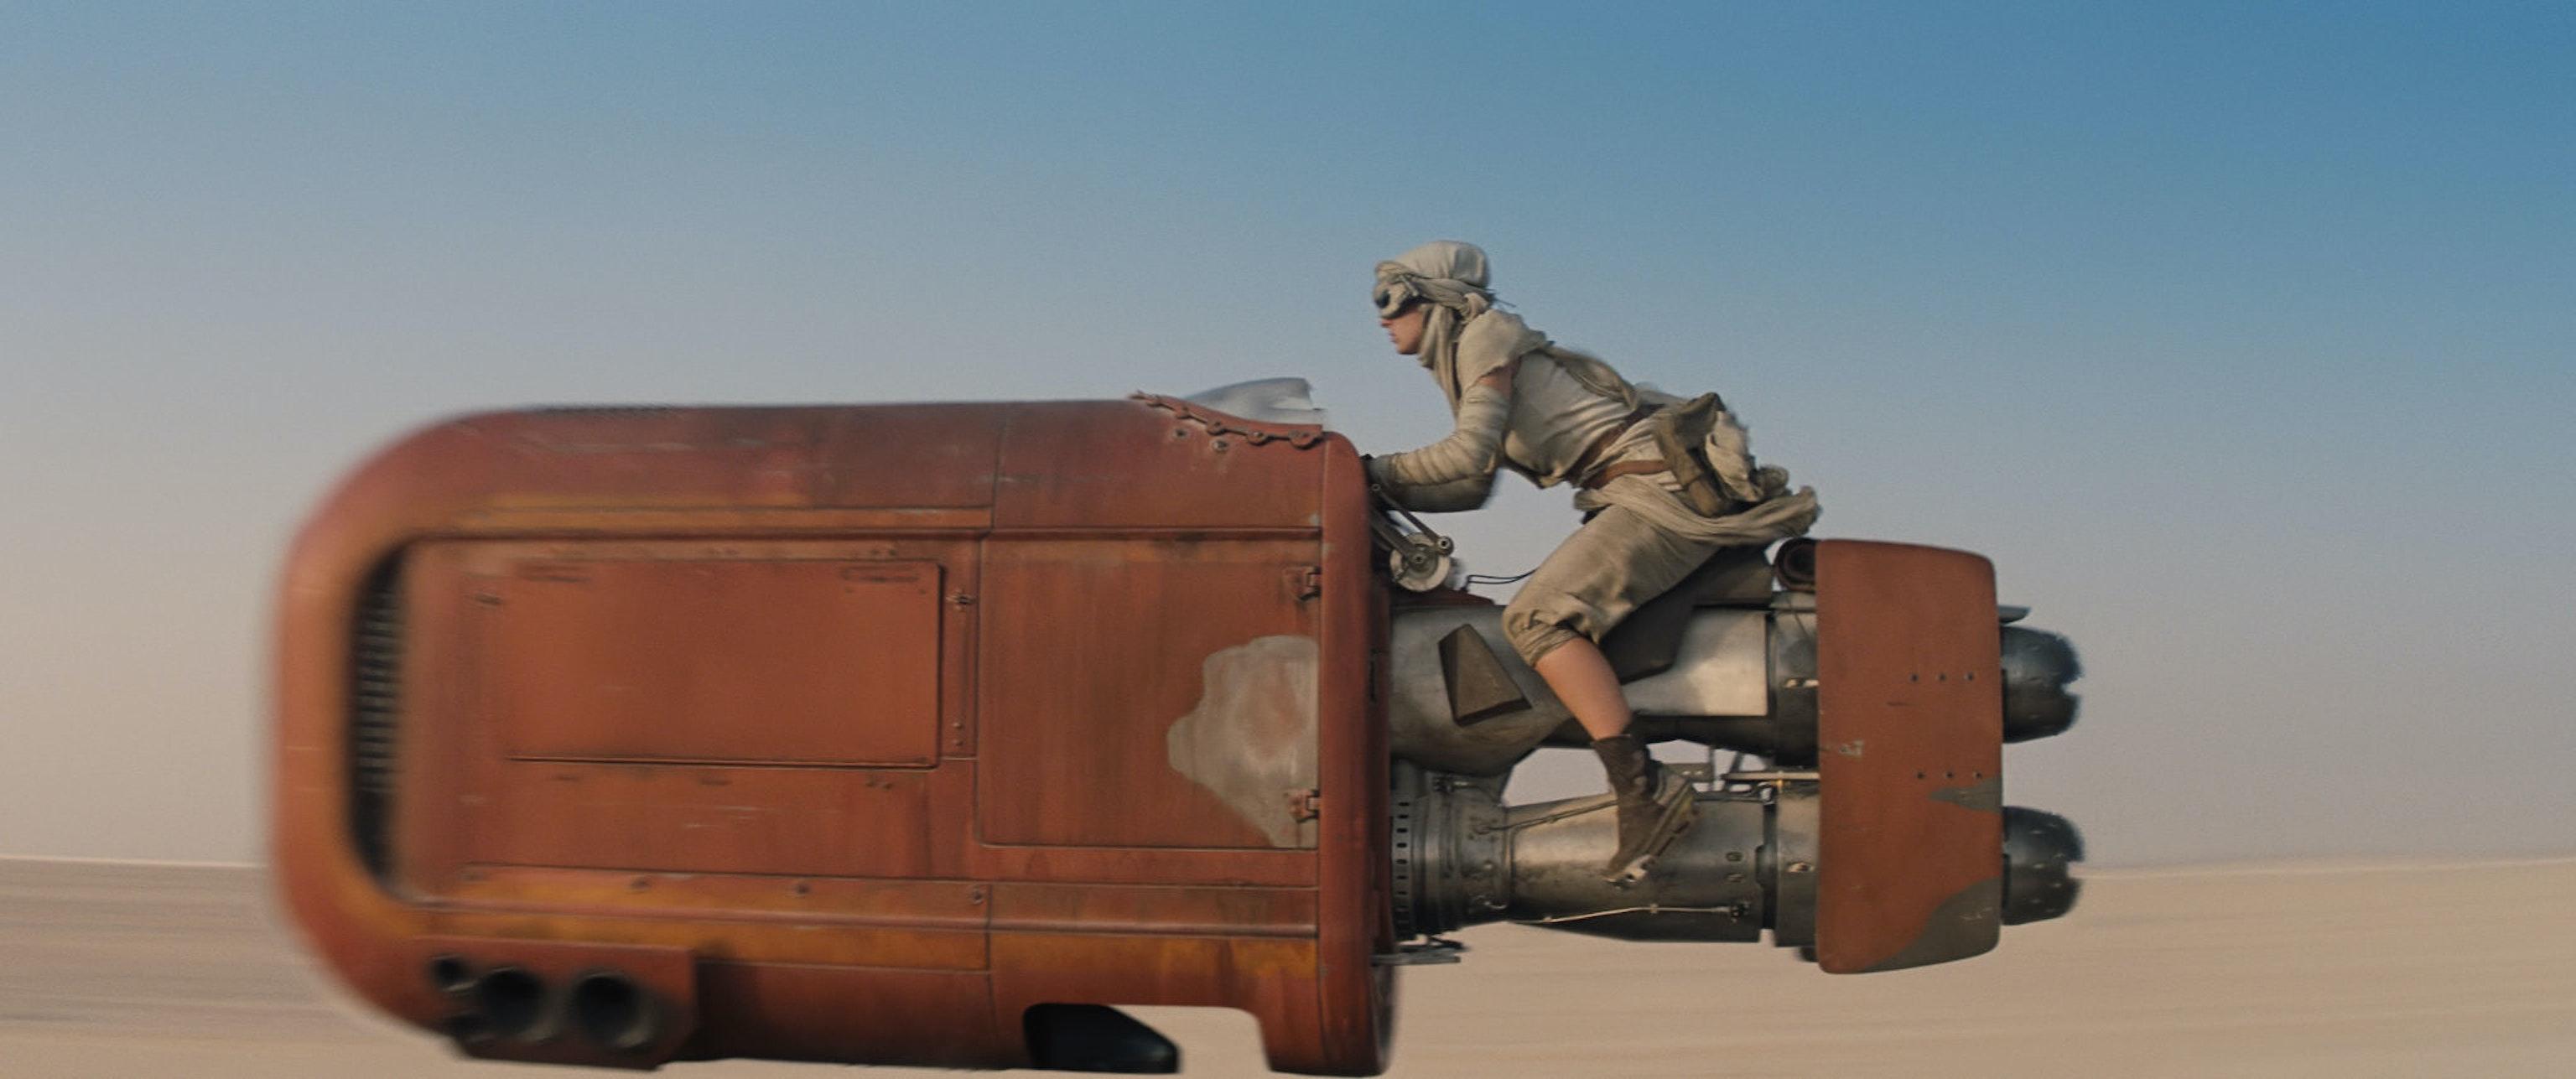 Rey on Jakku in 'Star Wars: The Force Awakens'